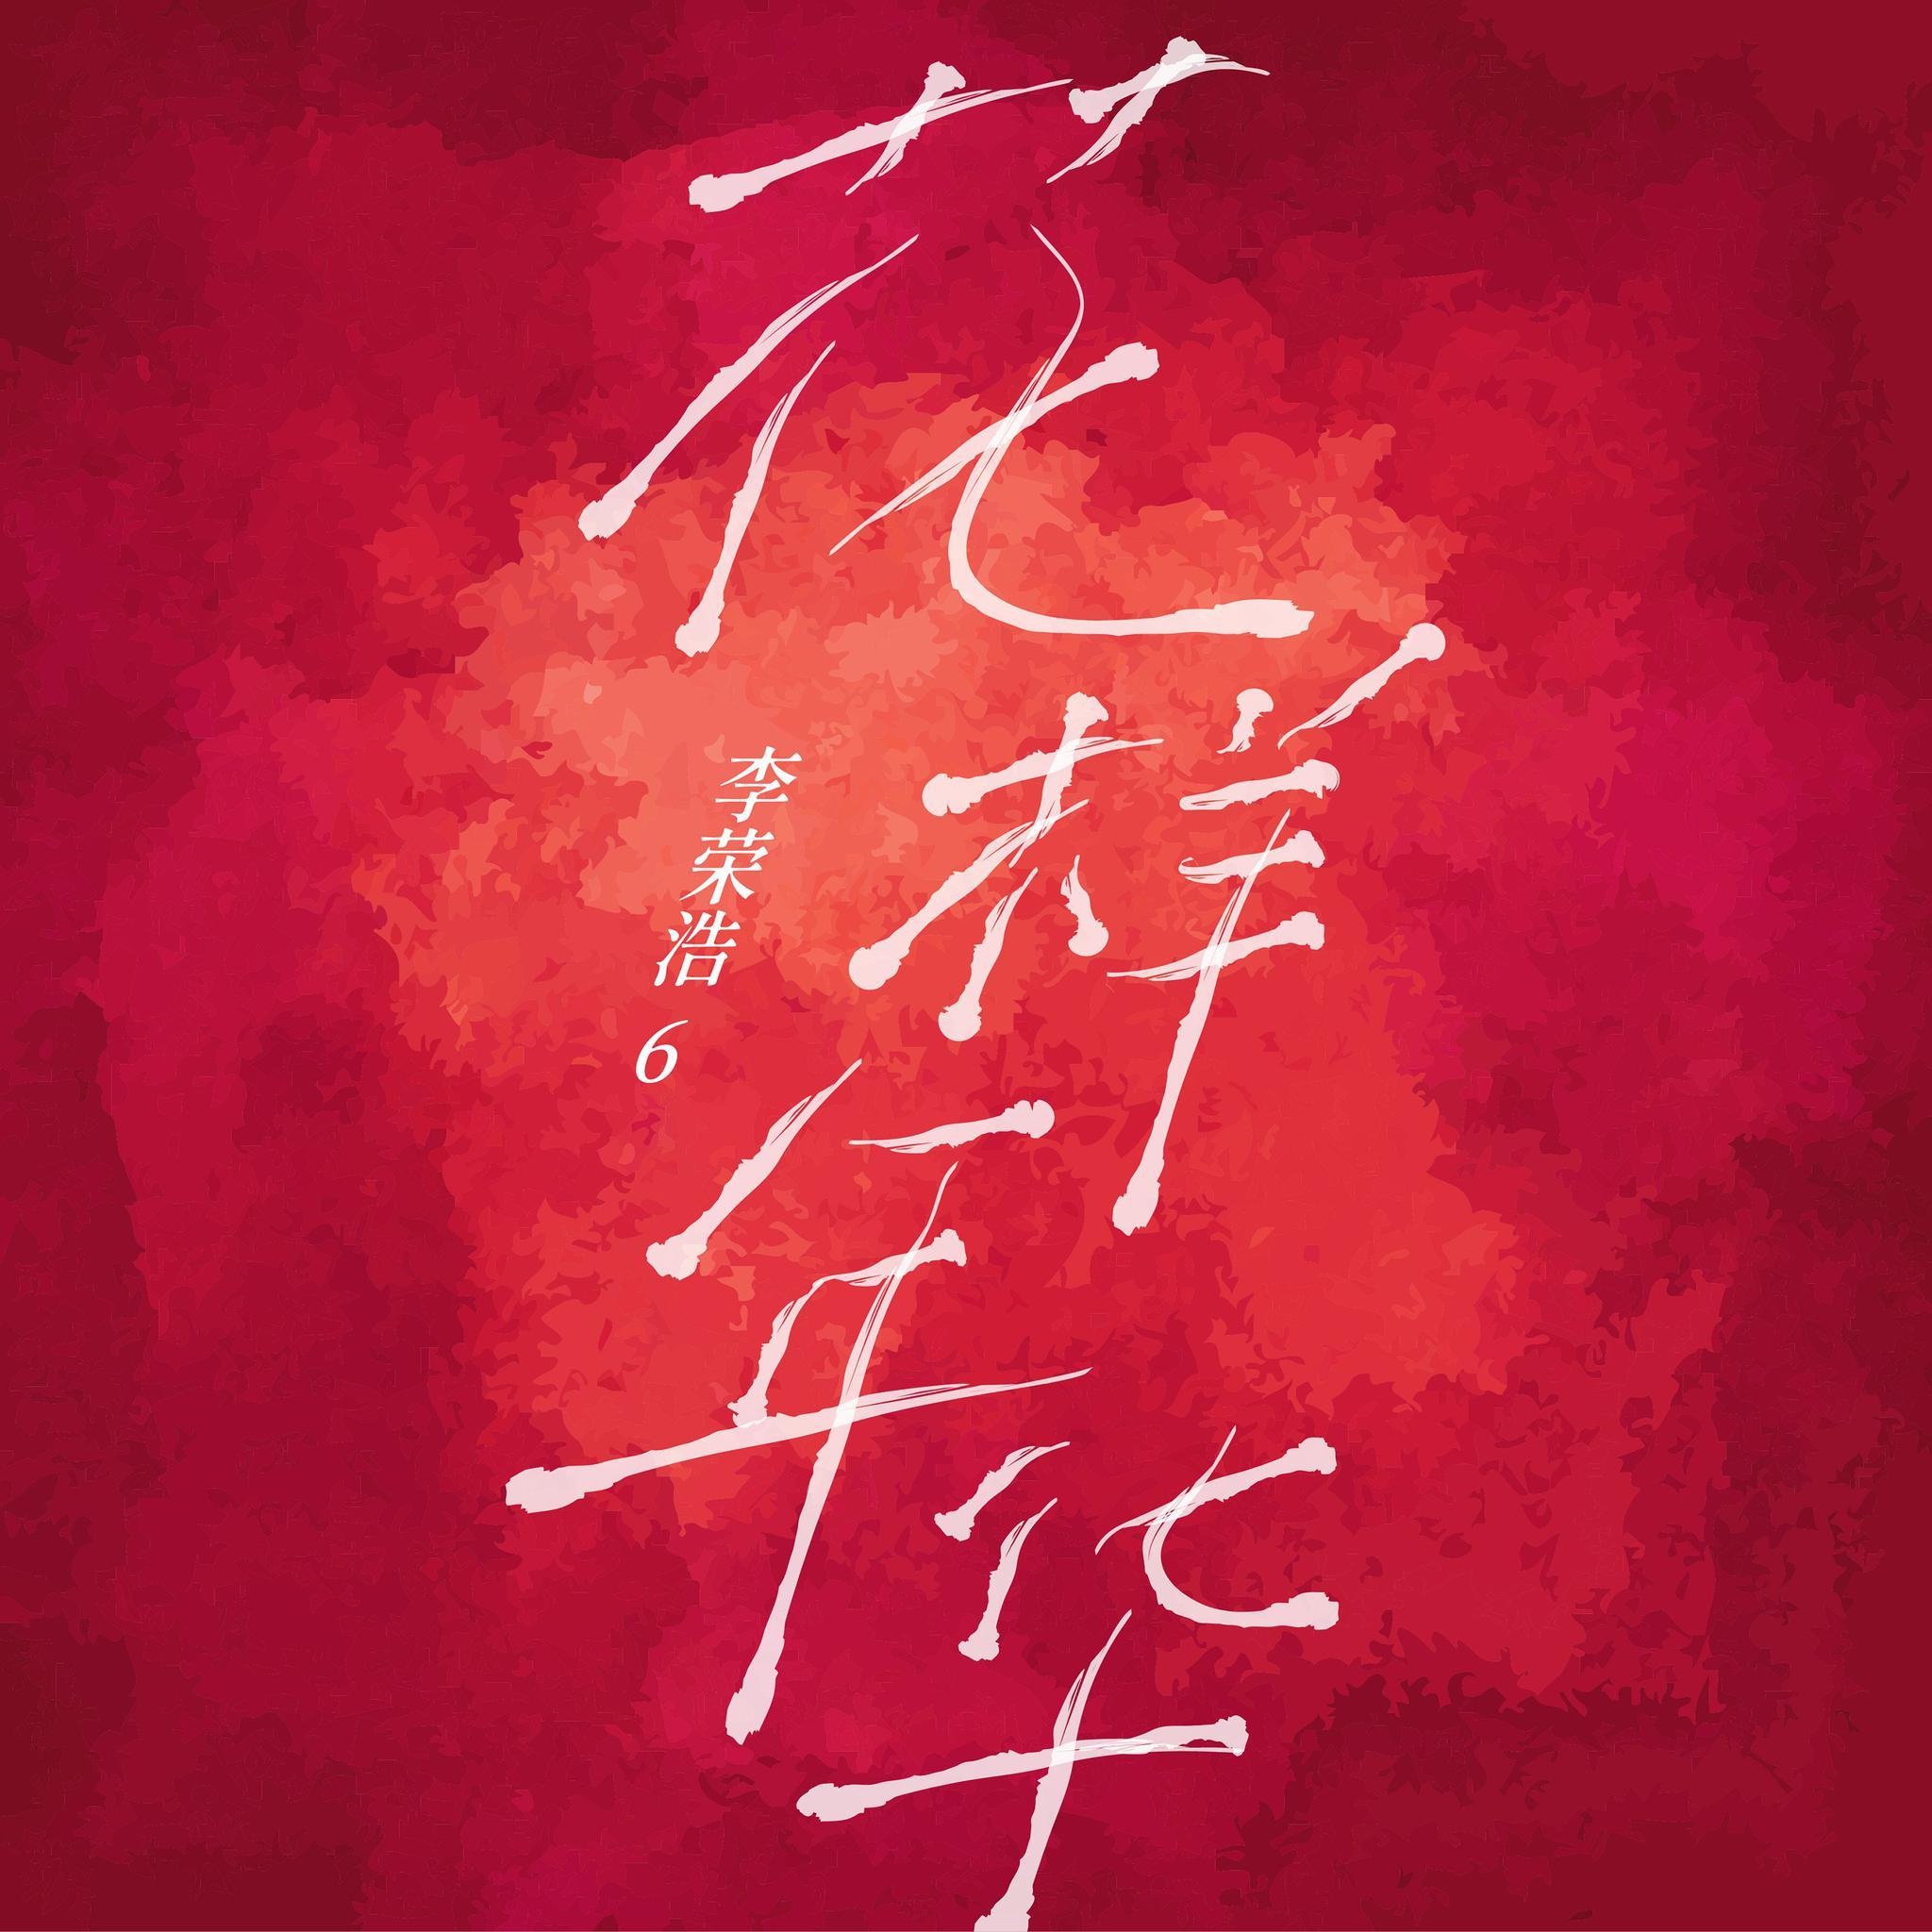 合乐官网:华主题曲变节奏布鲁合乐官网